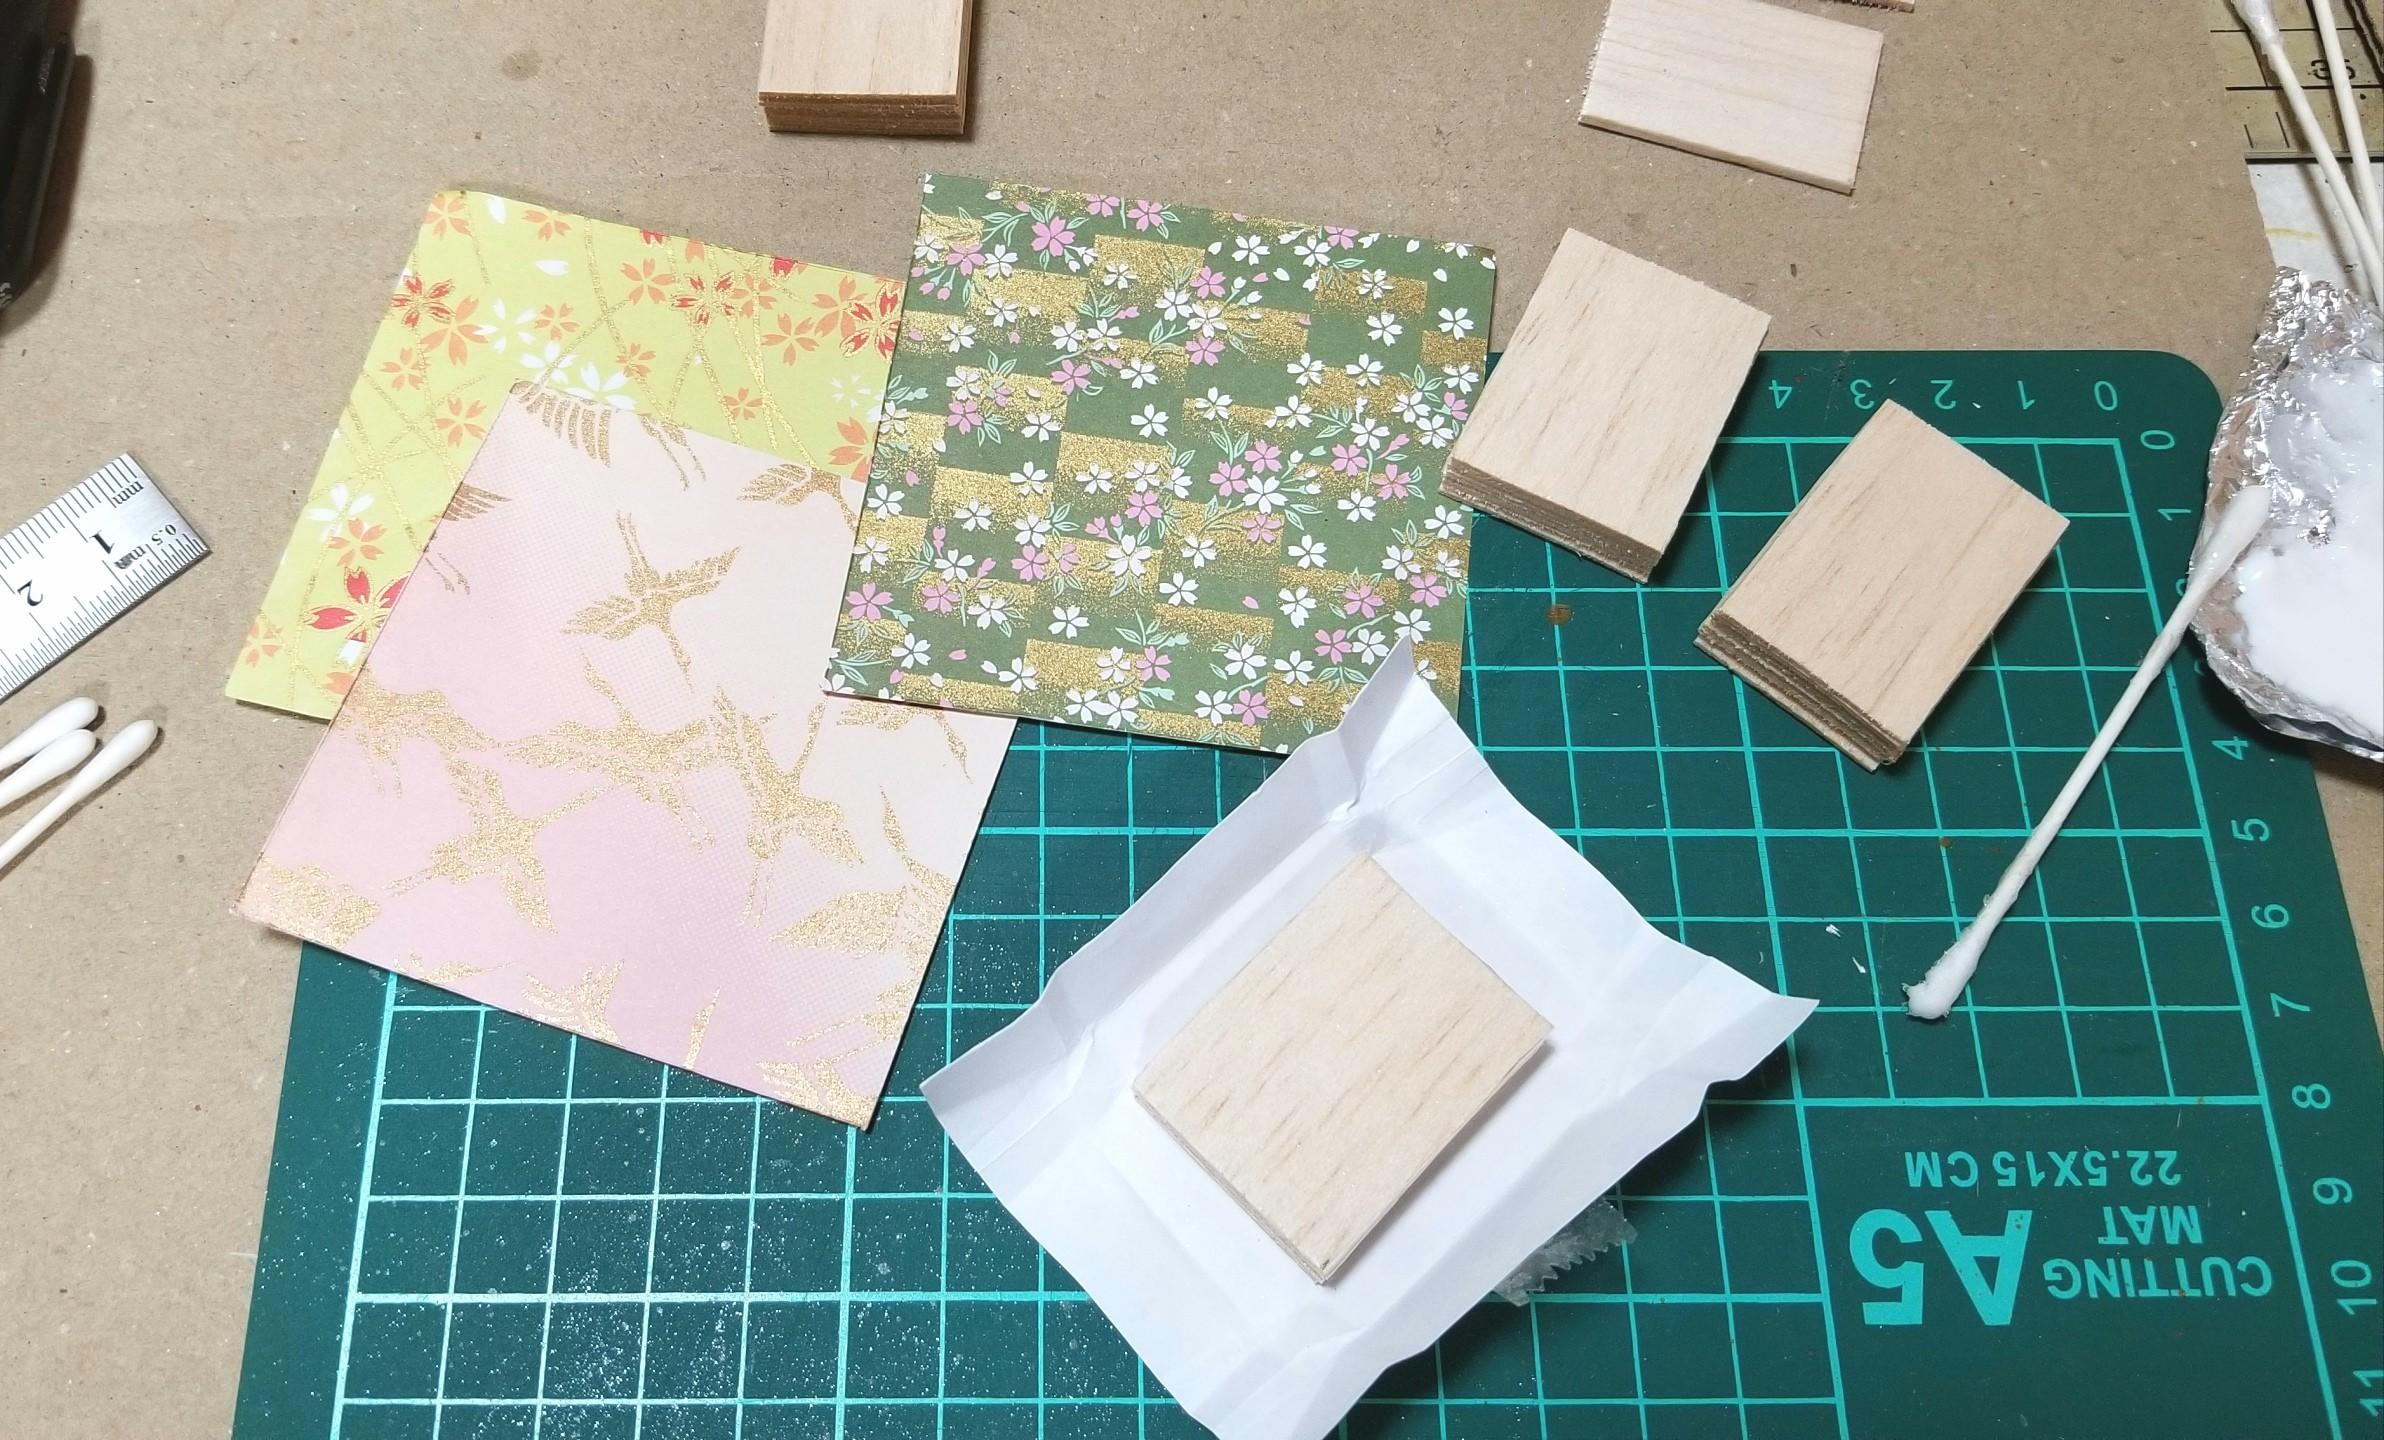 ミニチュアフード,菓子箱,和菓子屋,千代紙,折り紙,作り方,ドール,桧